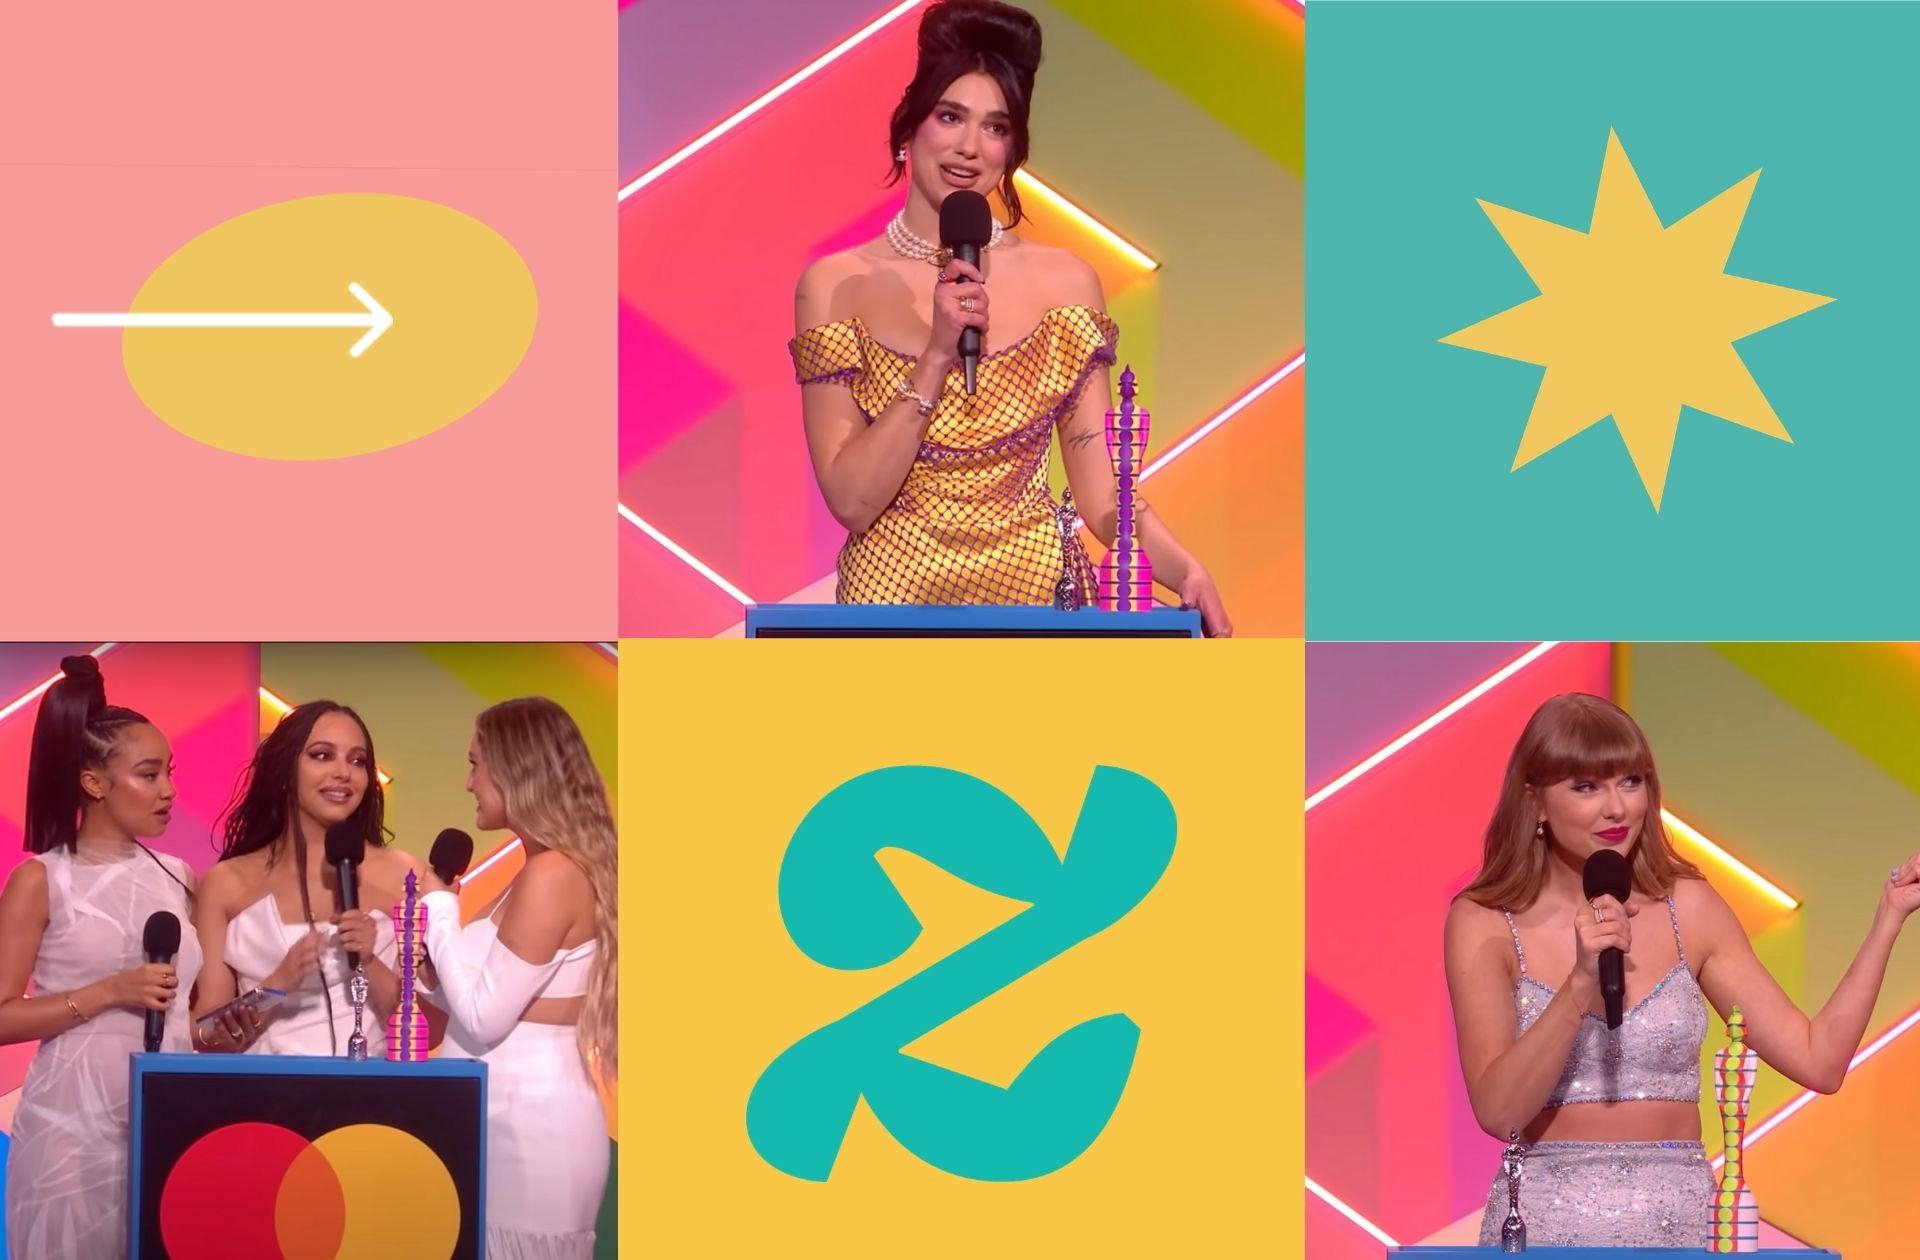 Les Brit Awards 2021 : enfin, les femmes sont à l'honneur (ça a pris le temps)